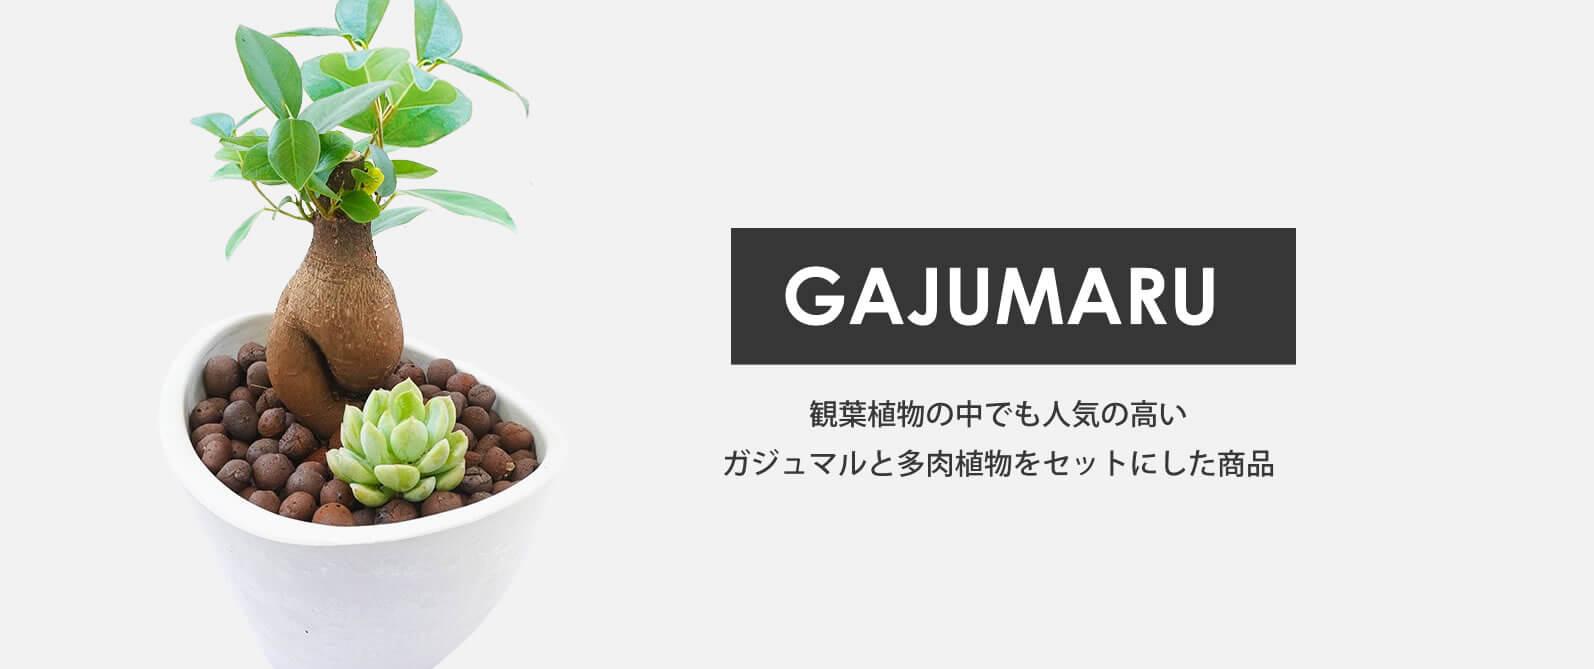 ガジュマルと多肉植物コラボ